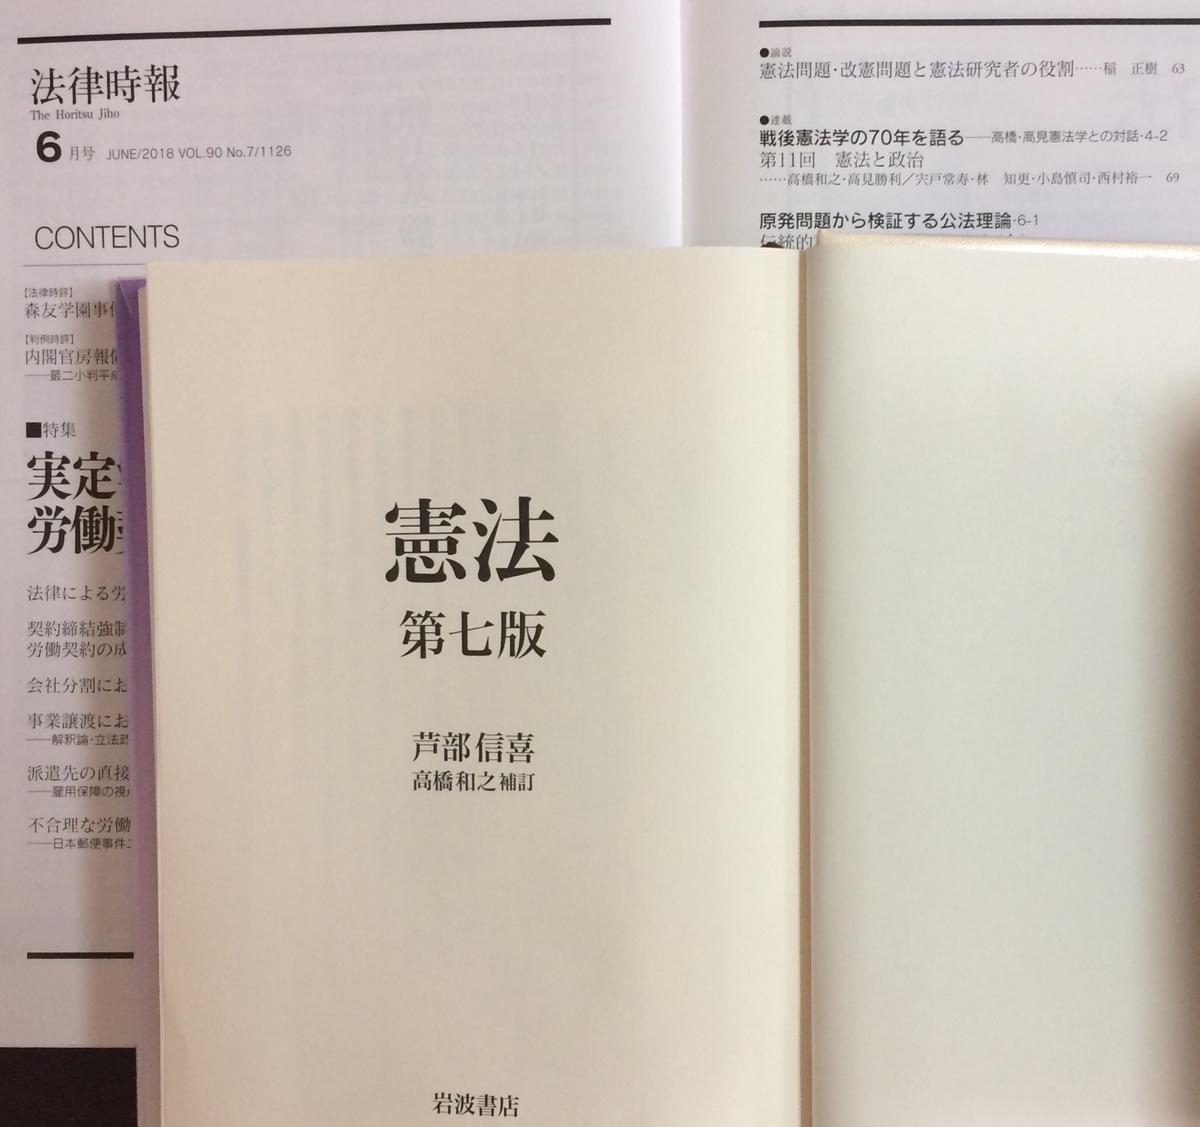 憲法学の泰斗の知られざる新見解? - ミヤシンの映画と読書とスポーツ ...